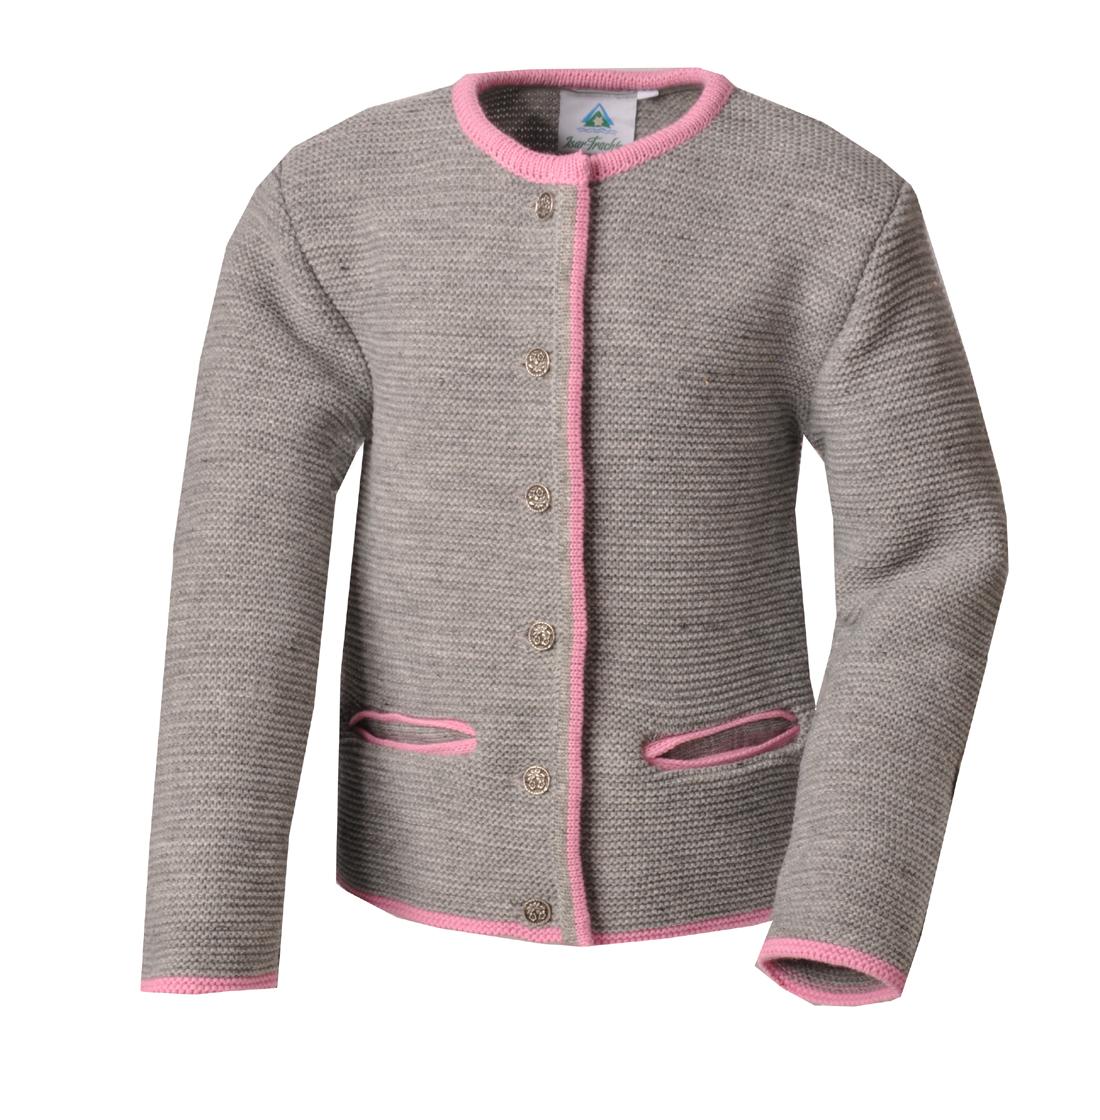 Isar-Trachten Kapuzenjacke Kapuzenpullover Sweater Kinder